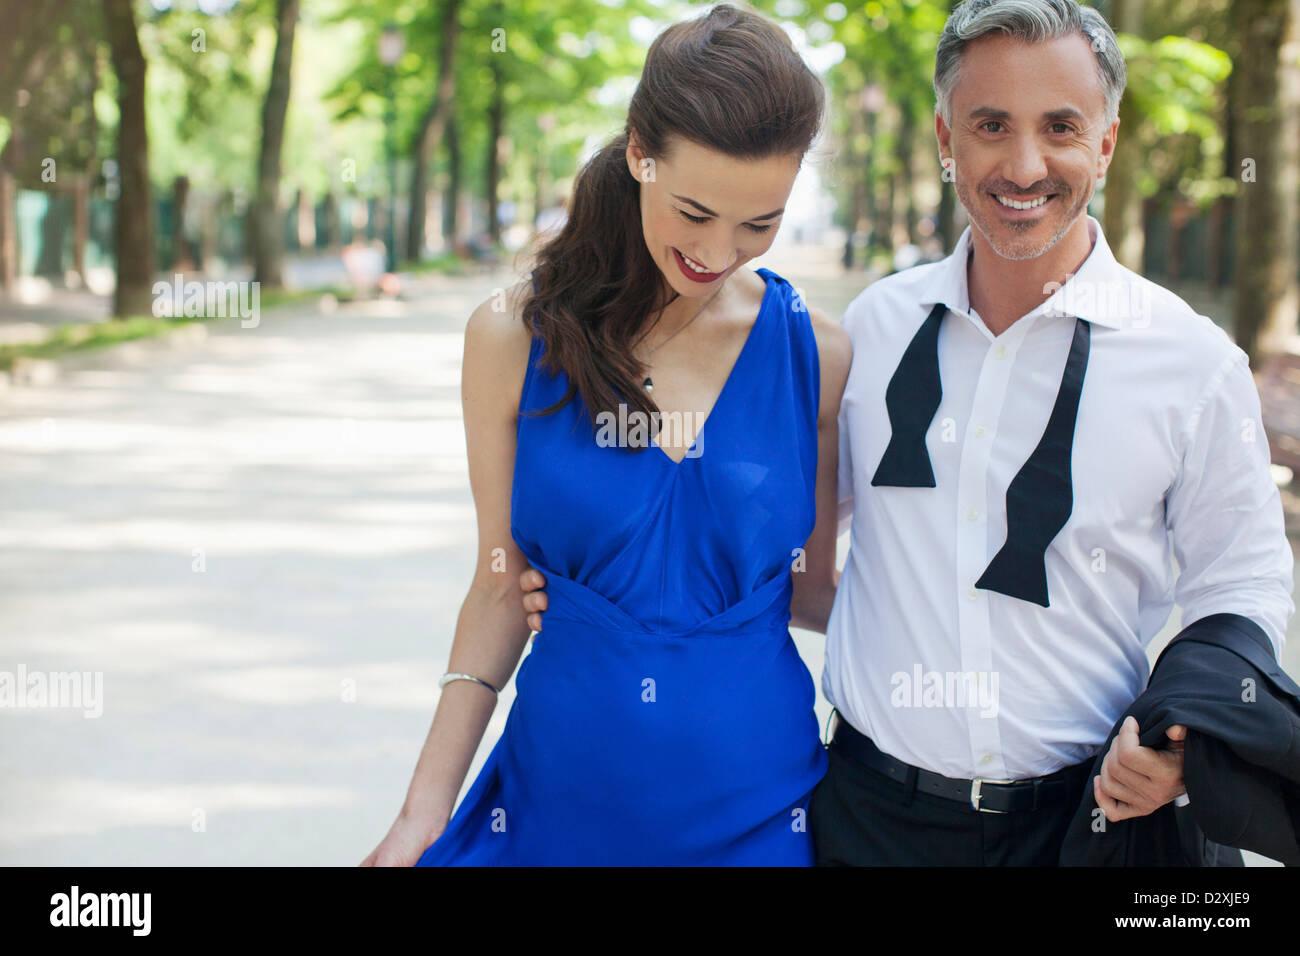 Sonriente y vestida de par en park Imagen De Stock